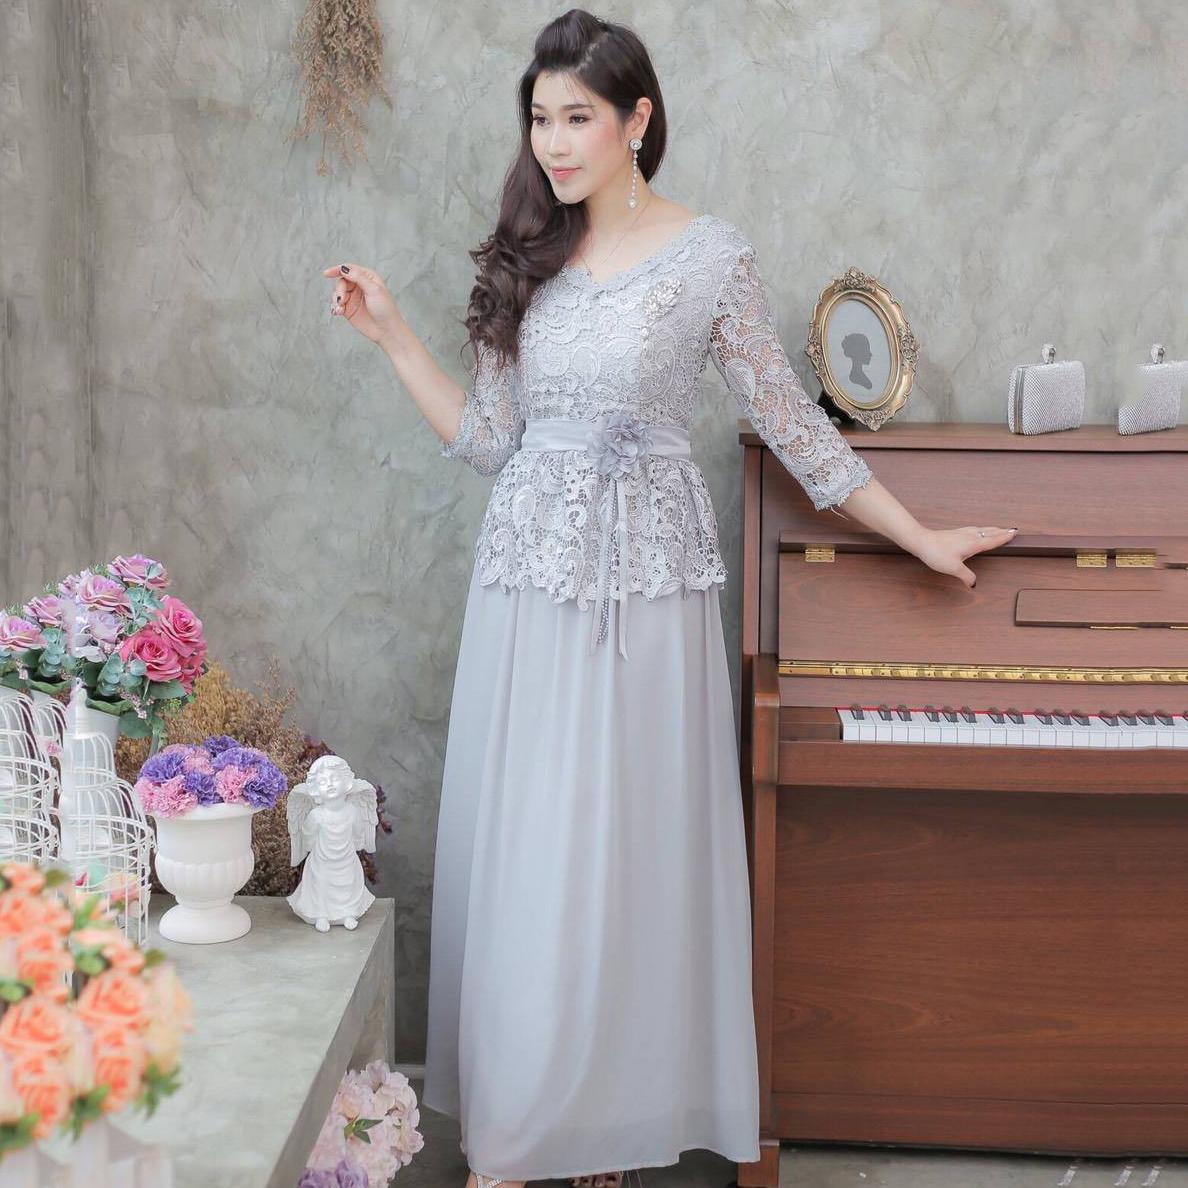 ชุดเดรสออกงานยาวสีเทา ลุคเรียบหรู ใส่ไปงานแต่งงาน ชุดแม่เจ้าสาว ชุดถือขันหมาก สวยสง่า ดูดีมากๆๆๆ